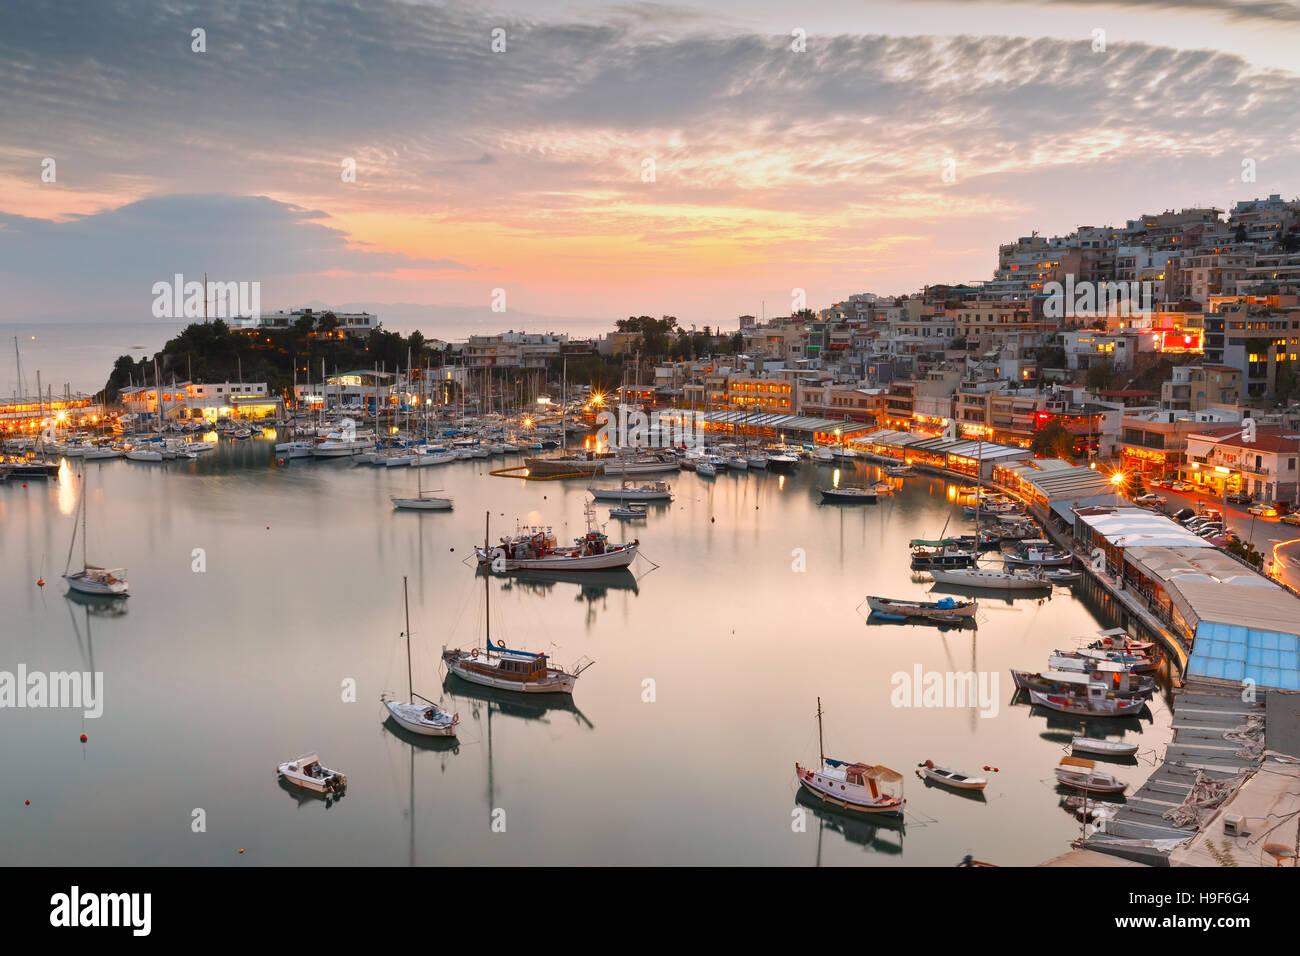 Voir la soirée de Mikrolimano marina à Athènes, Grèce. Photo Stock